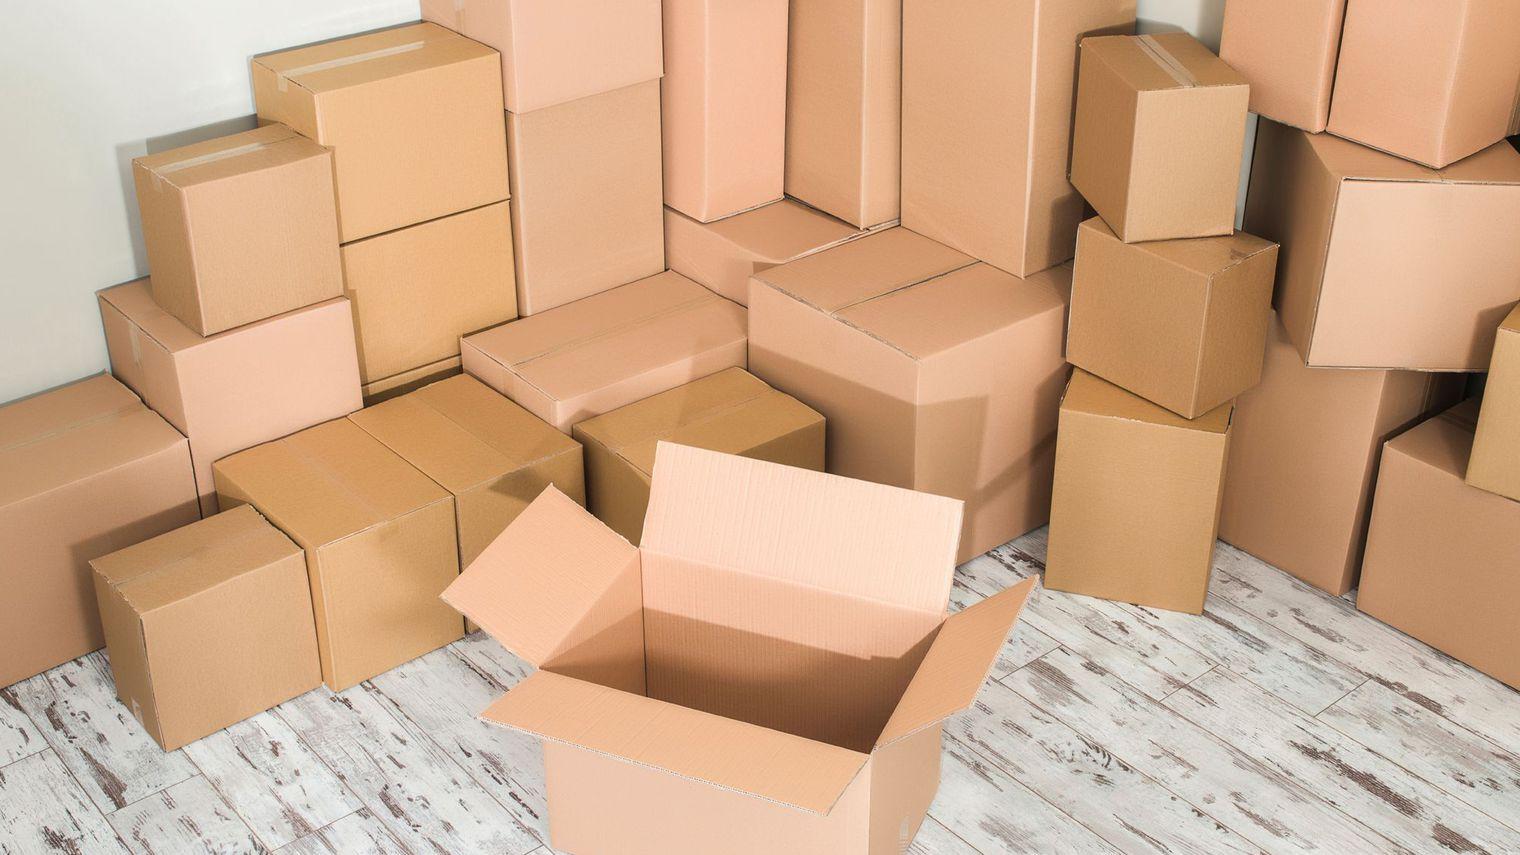 Déménagement : quels sont les cas qui nécessitent un déménageur ?